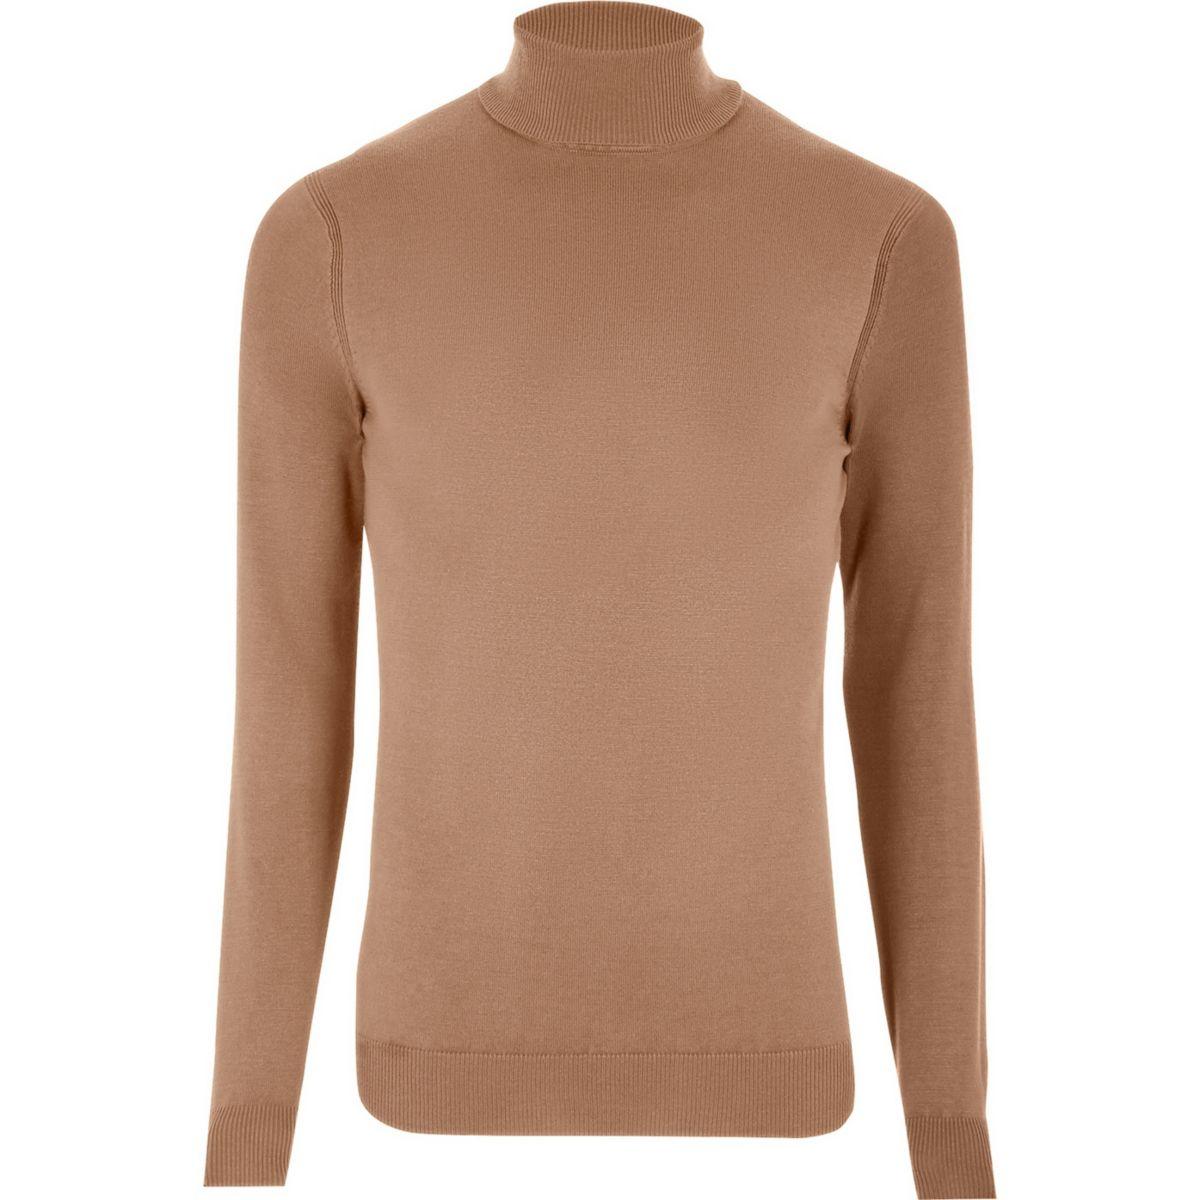 Camel roll neck long sleeve jumper